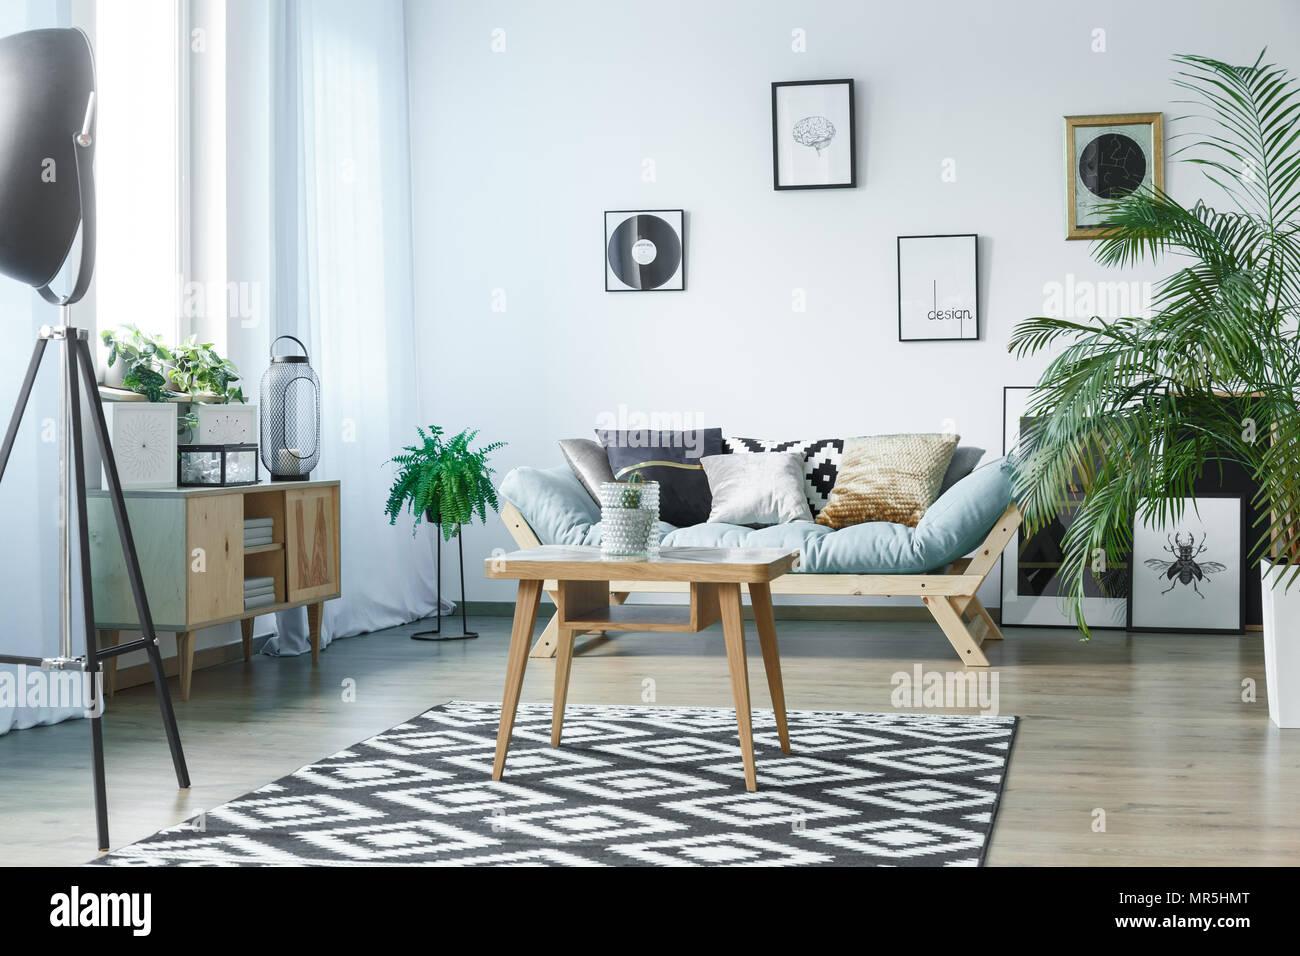 Scandi Teppich Im Klassischen Wohnzimmer Mit Pflanzen Poster Und